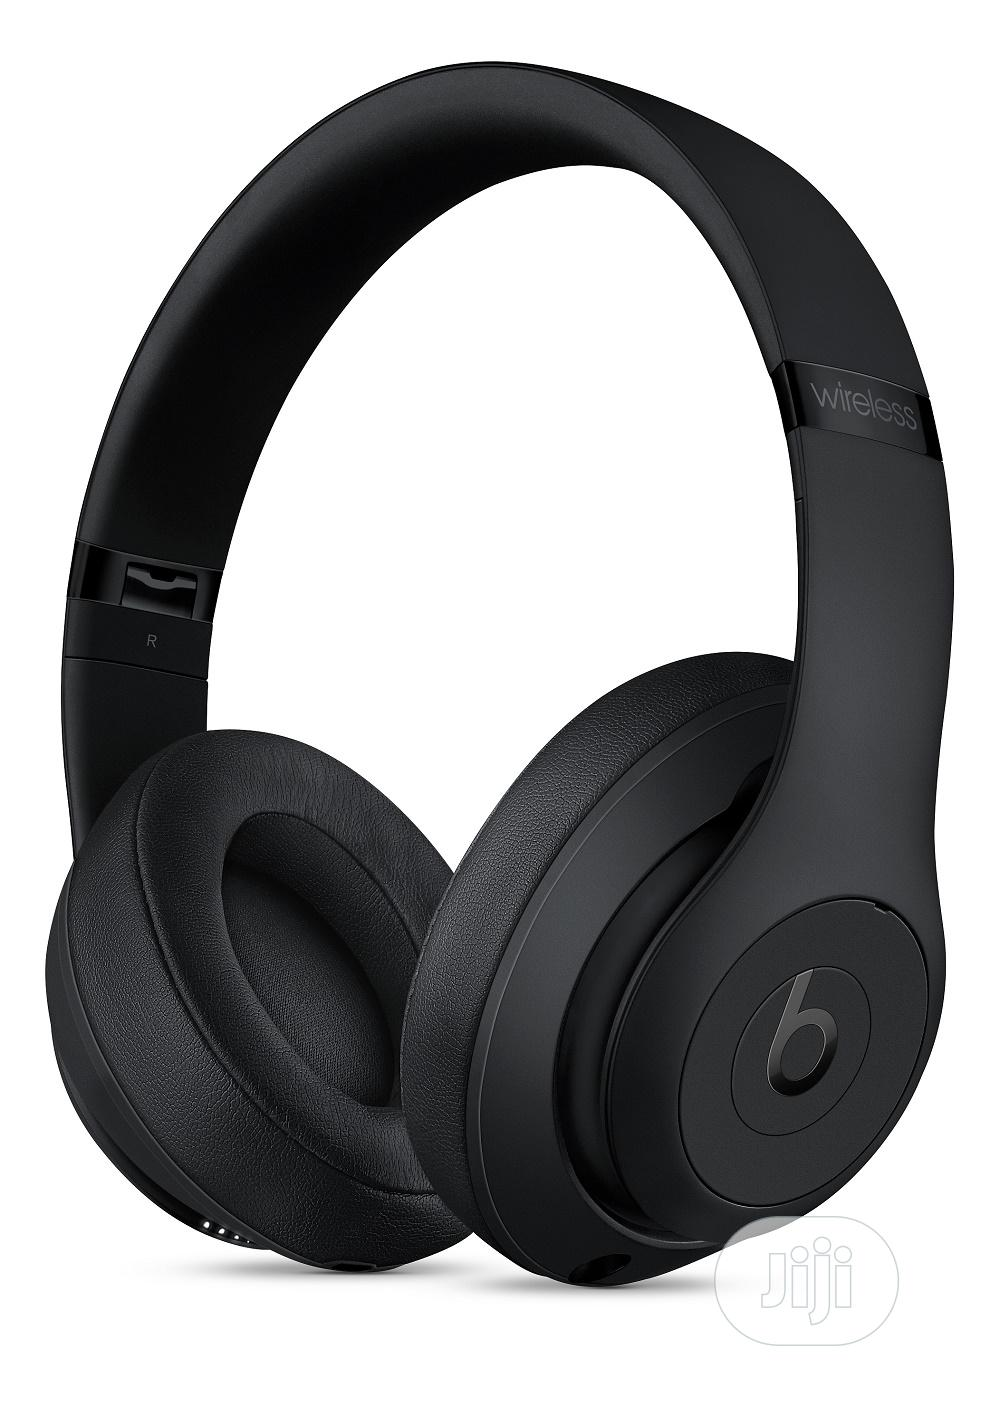 Archive: Beats Studio 3 Wireless Over-ear Headphones